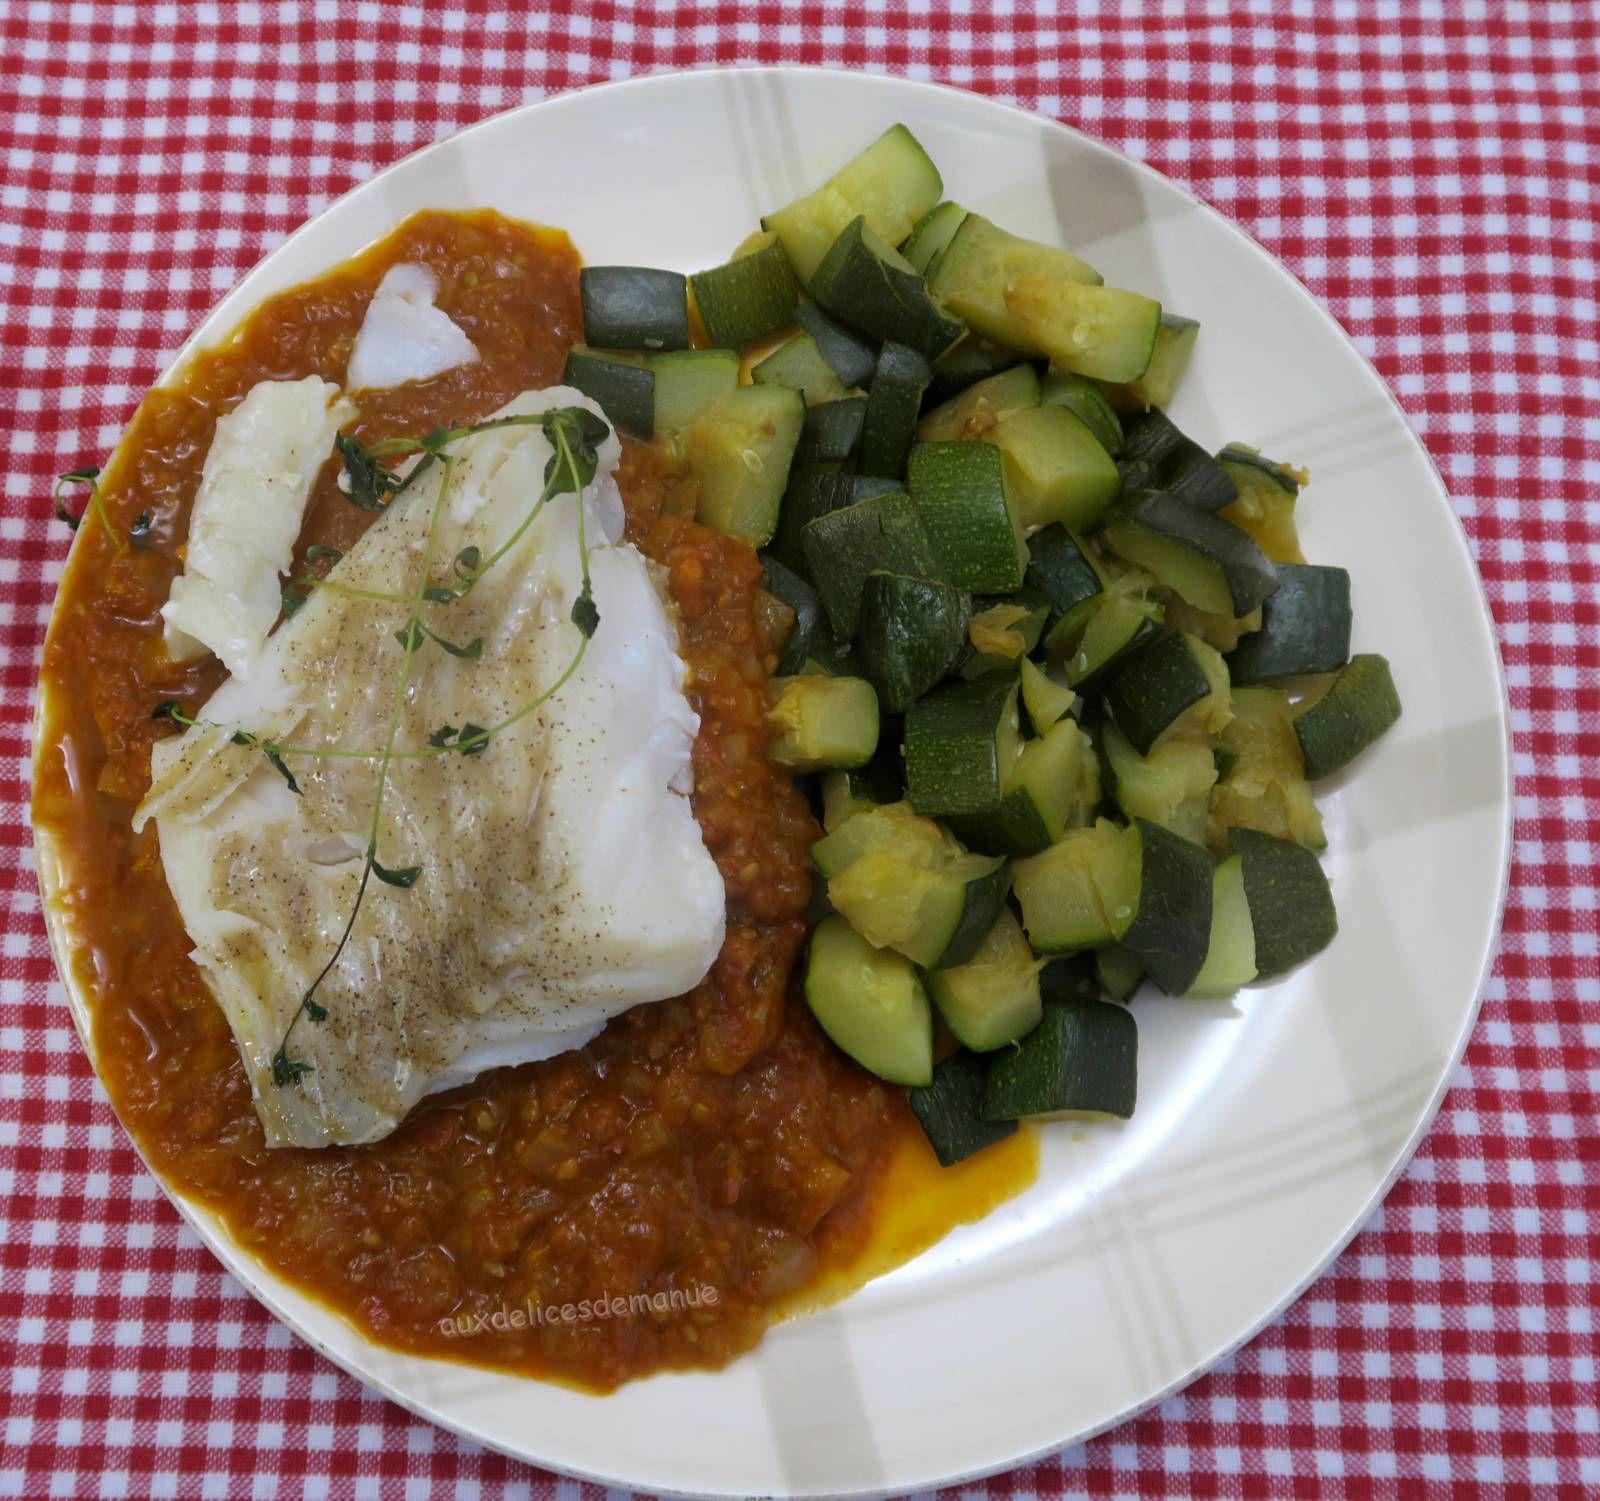 cabillaud,poisson,chorizo, courgette,tomates,micro-ondes